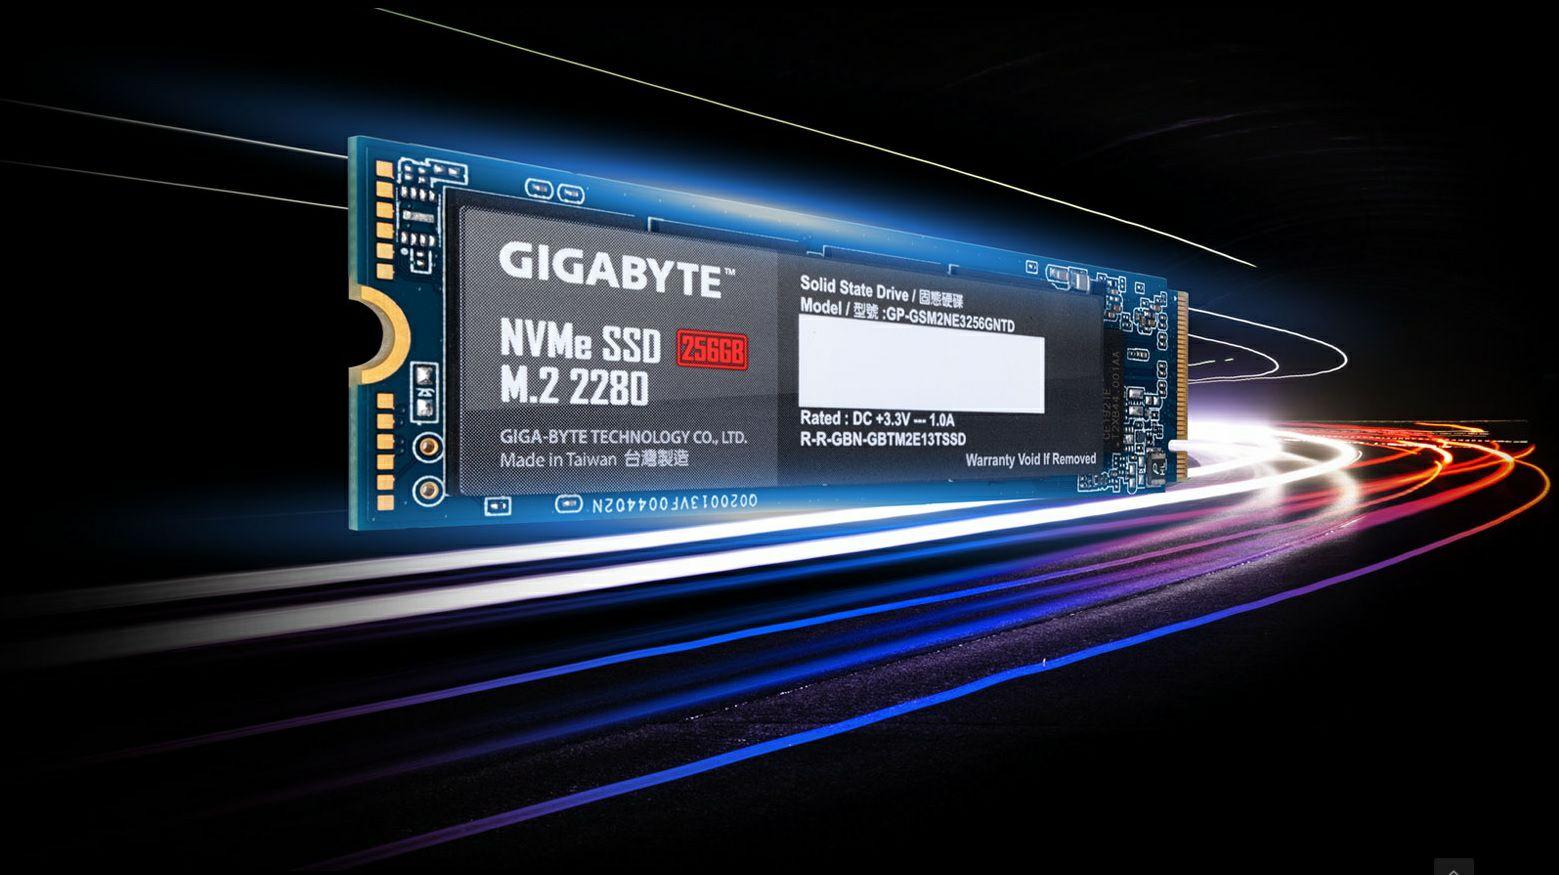 gigabyte_ssd_m2